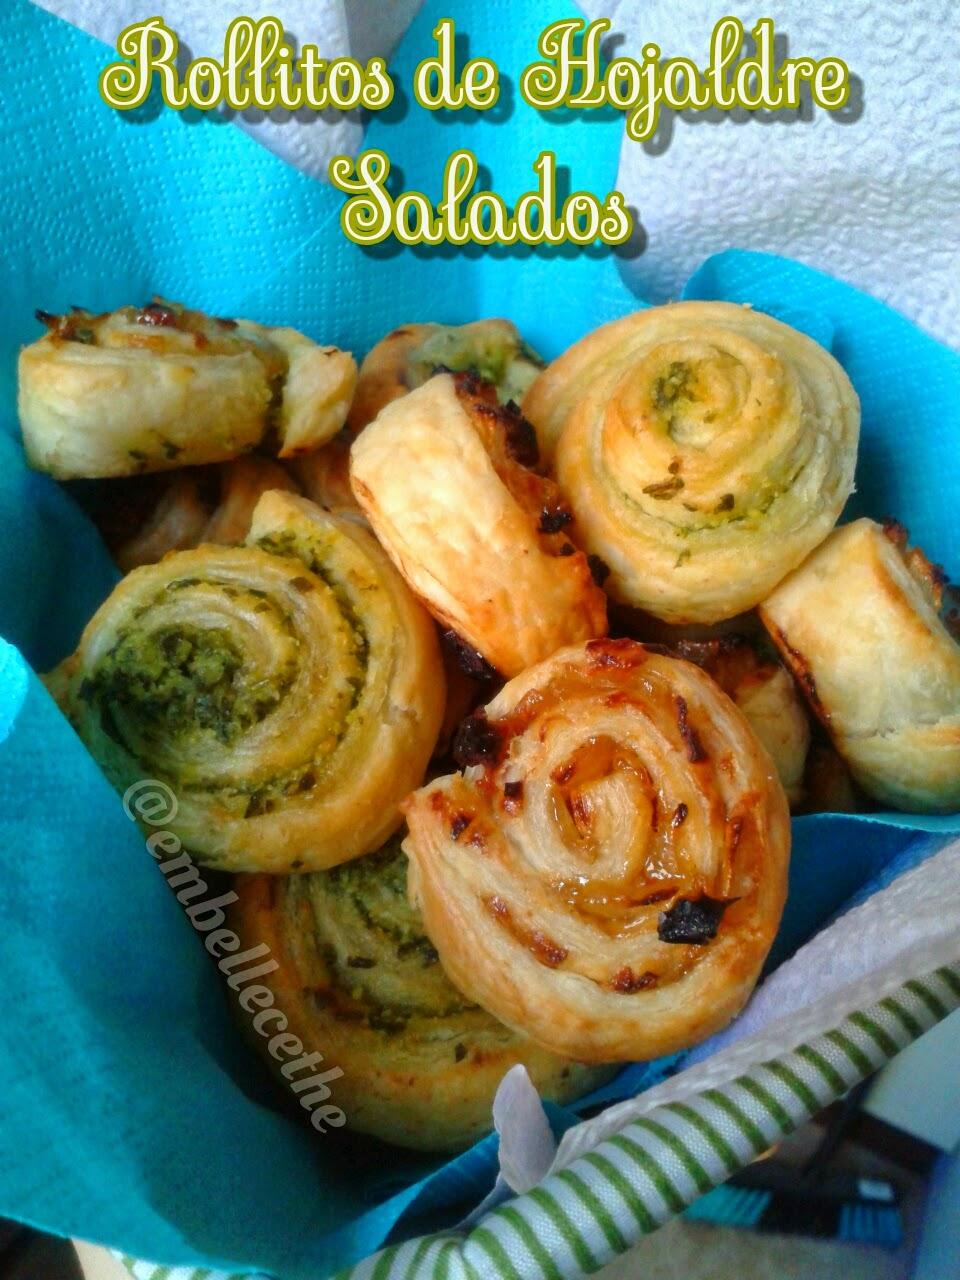 Embellecethe rollitos de hojaldre rellenos salados - Profiteroles salados rellenos ...